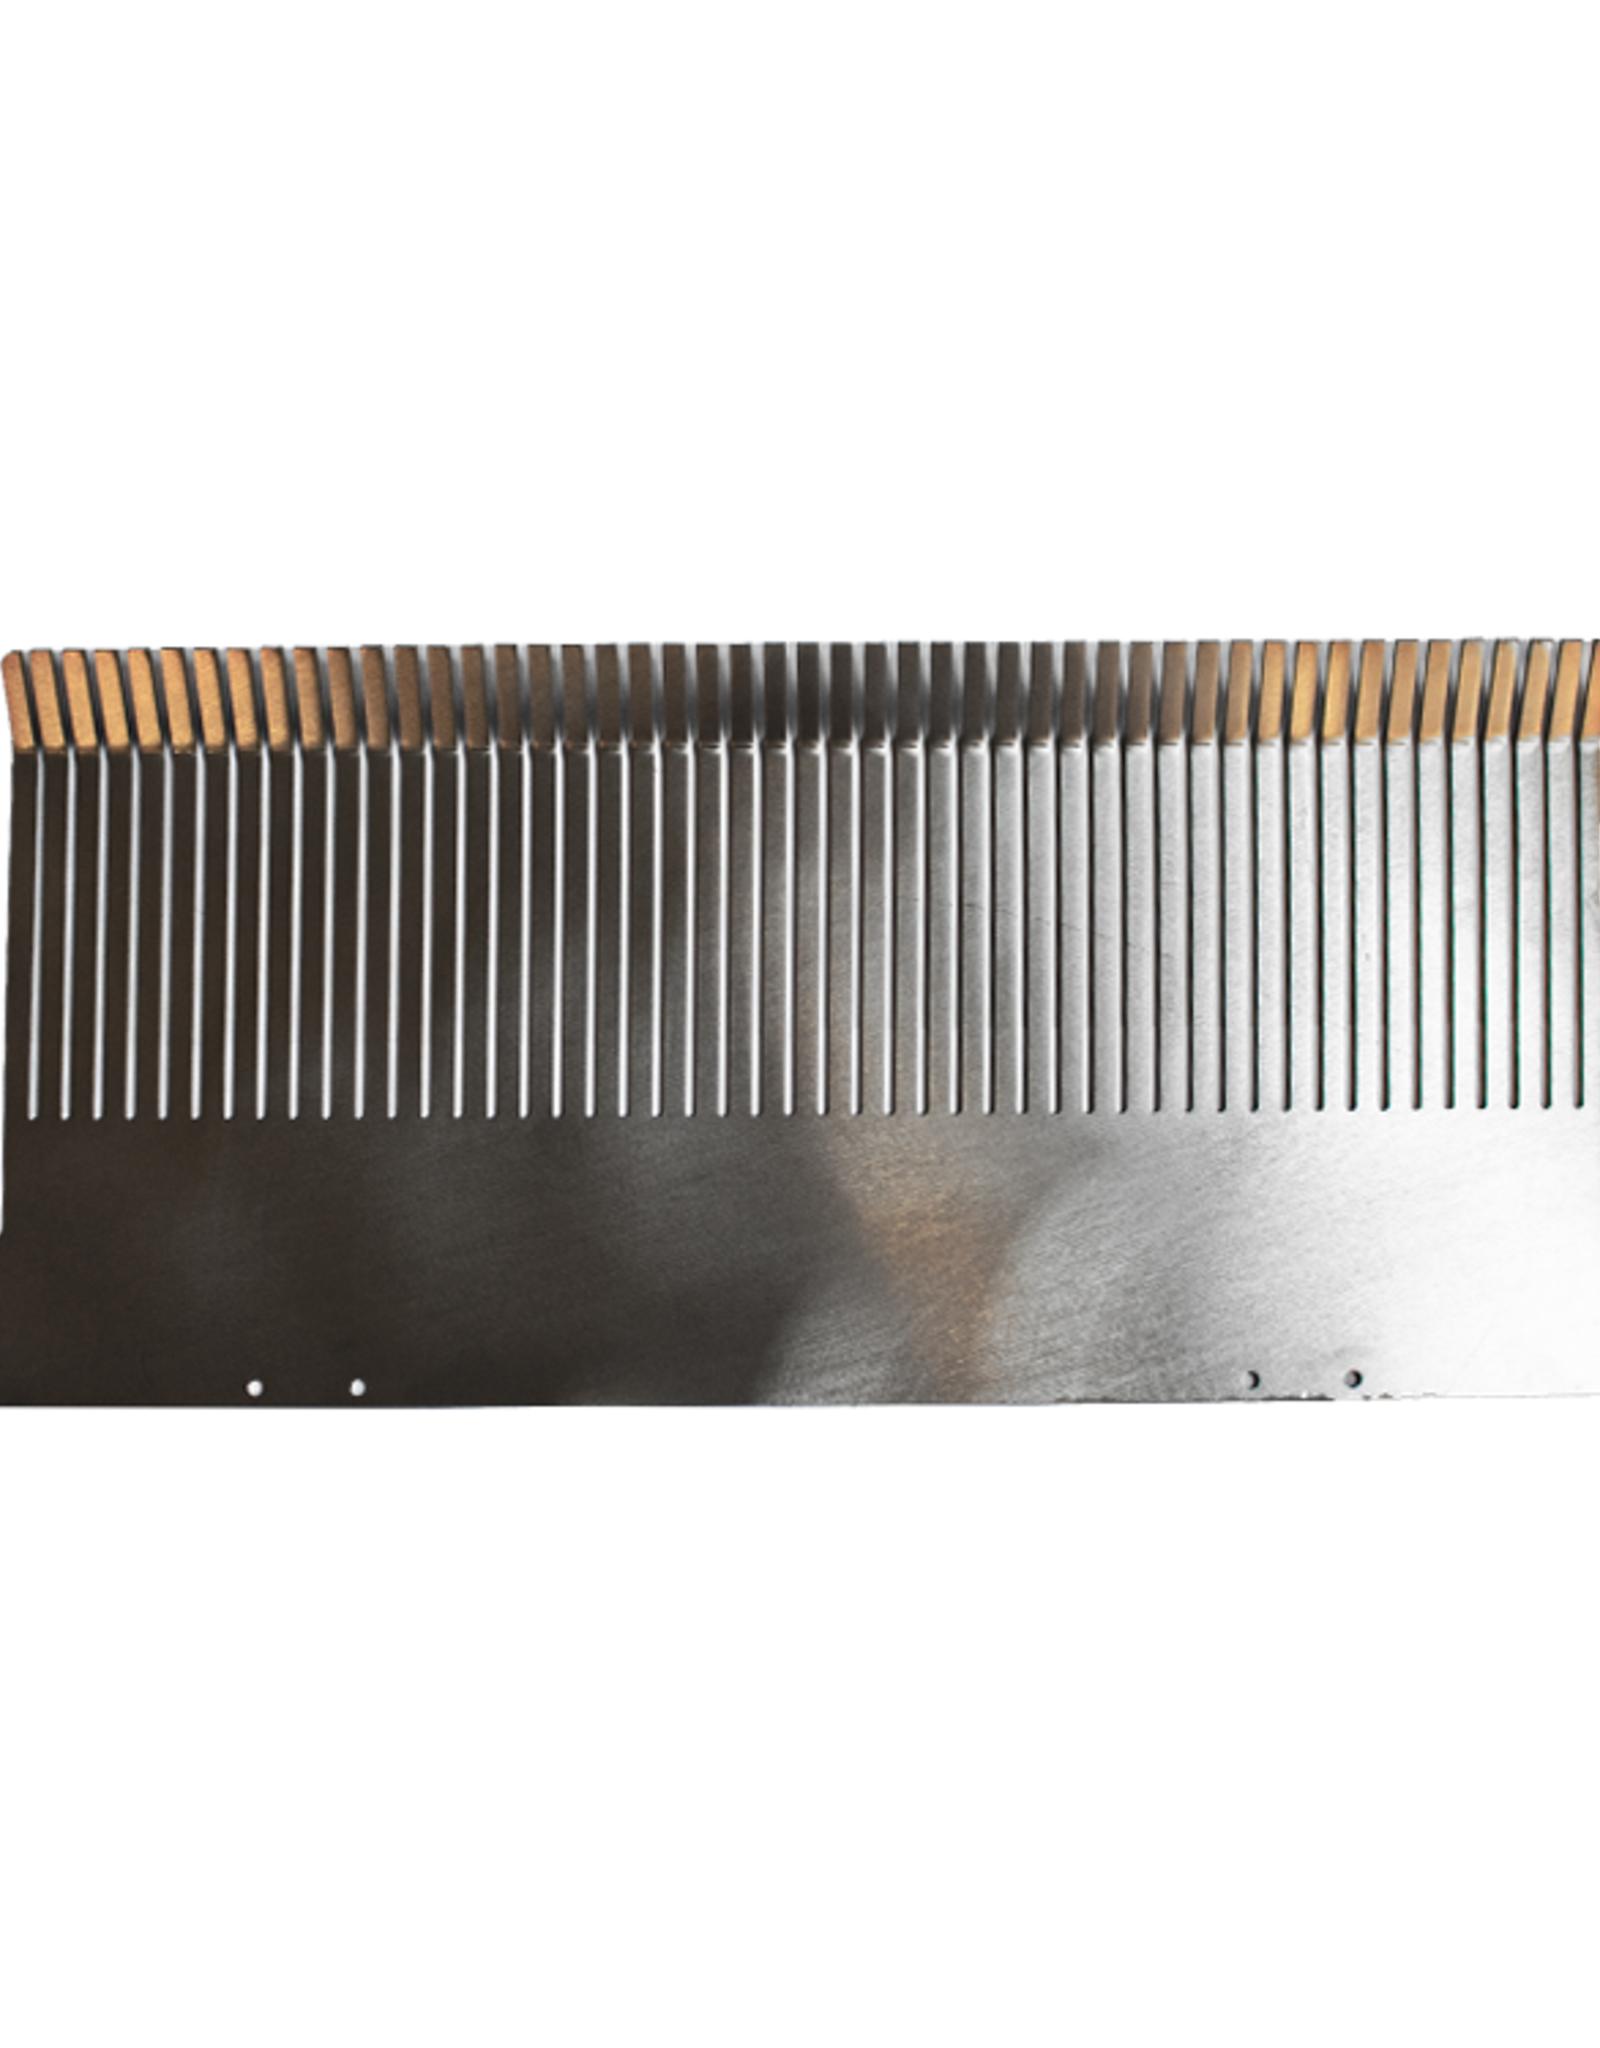 VLB Bread Slicers La plaque de pression en acier inoxydable  Eco-smart